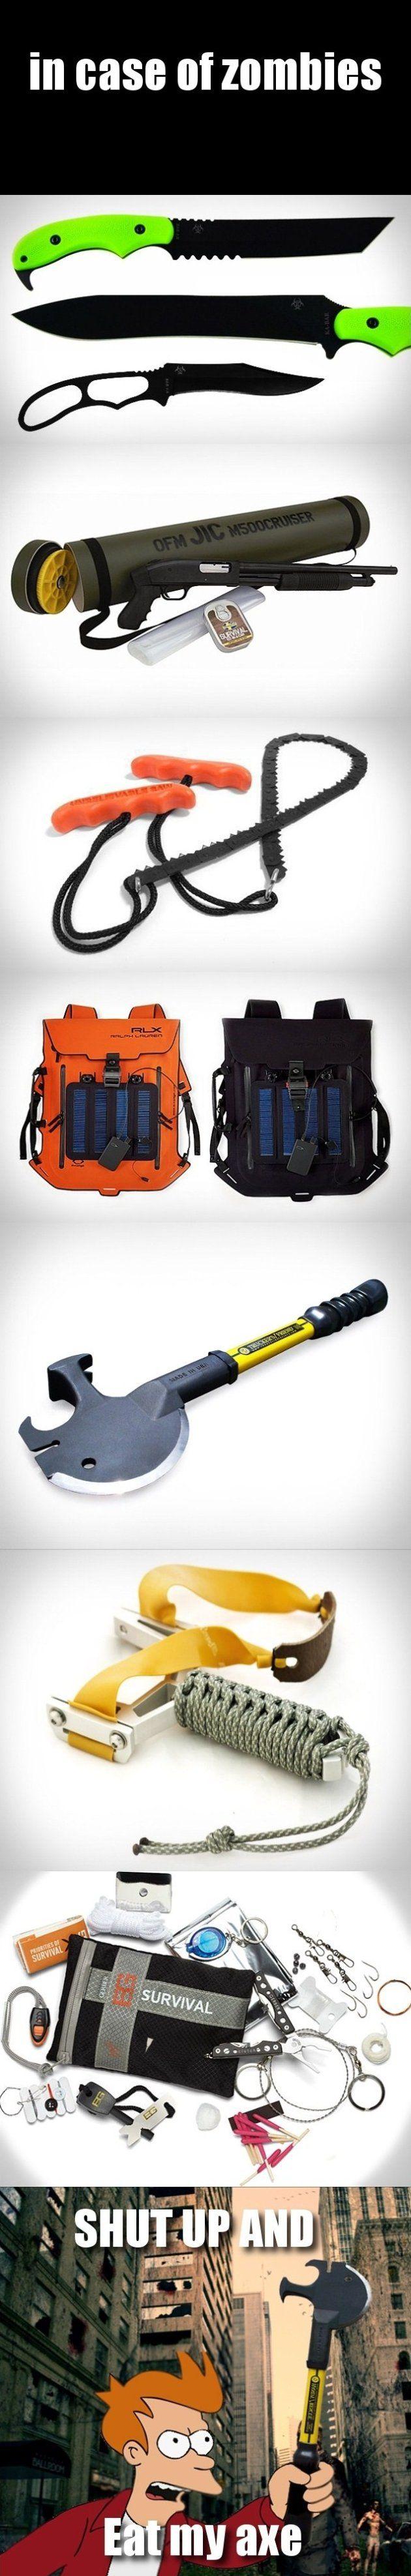 Survival Gear that works - #LDSEmergencyResources #MormonLink #LDSpreparedness